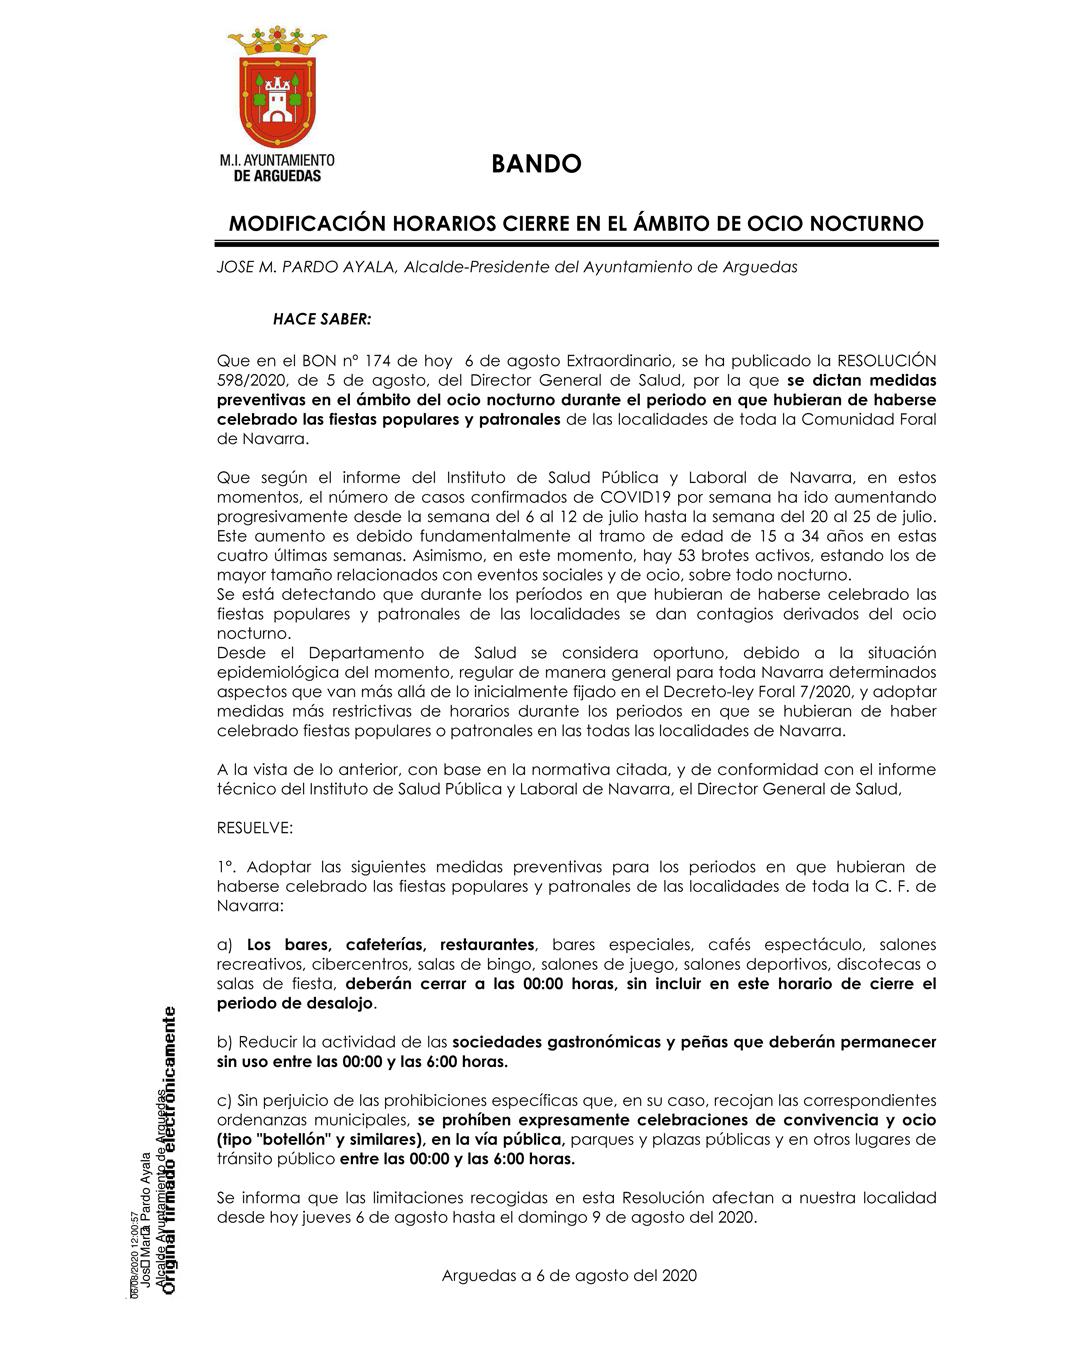 Arguedas-Bando-MODIFICACION-HORARIO-FIESTAS